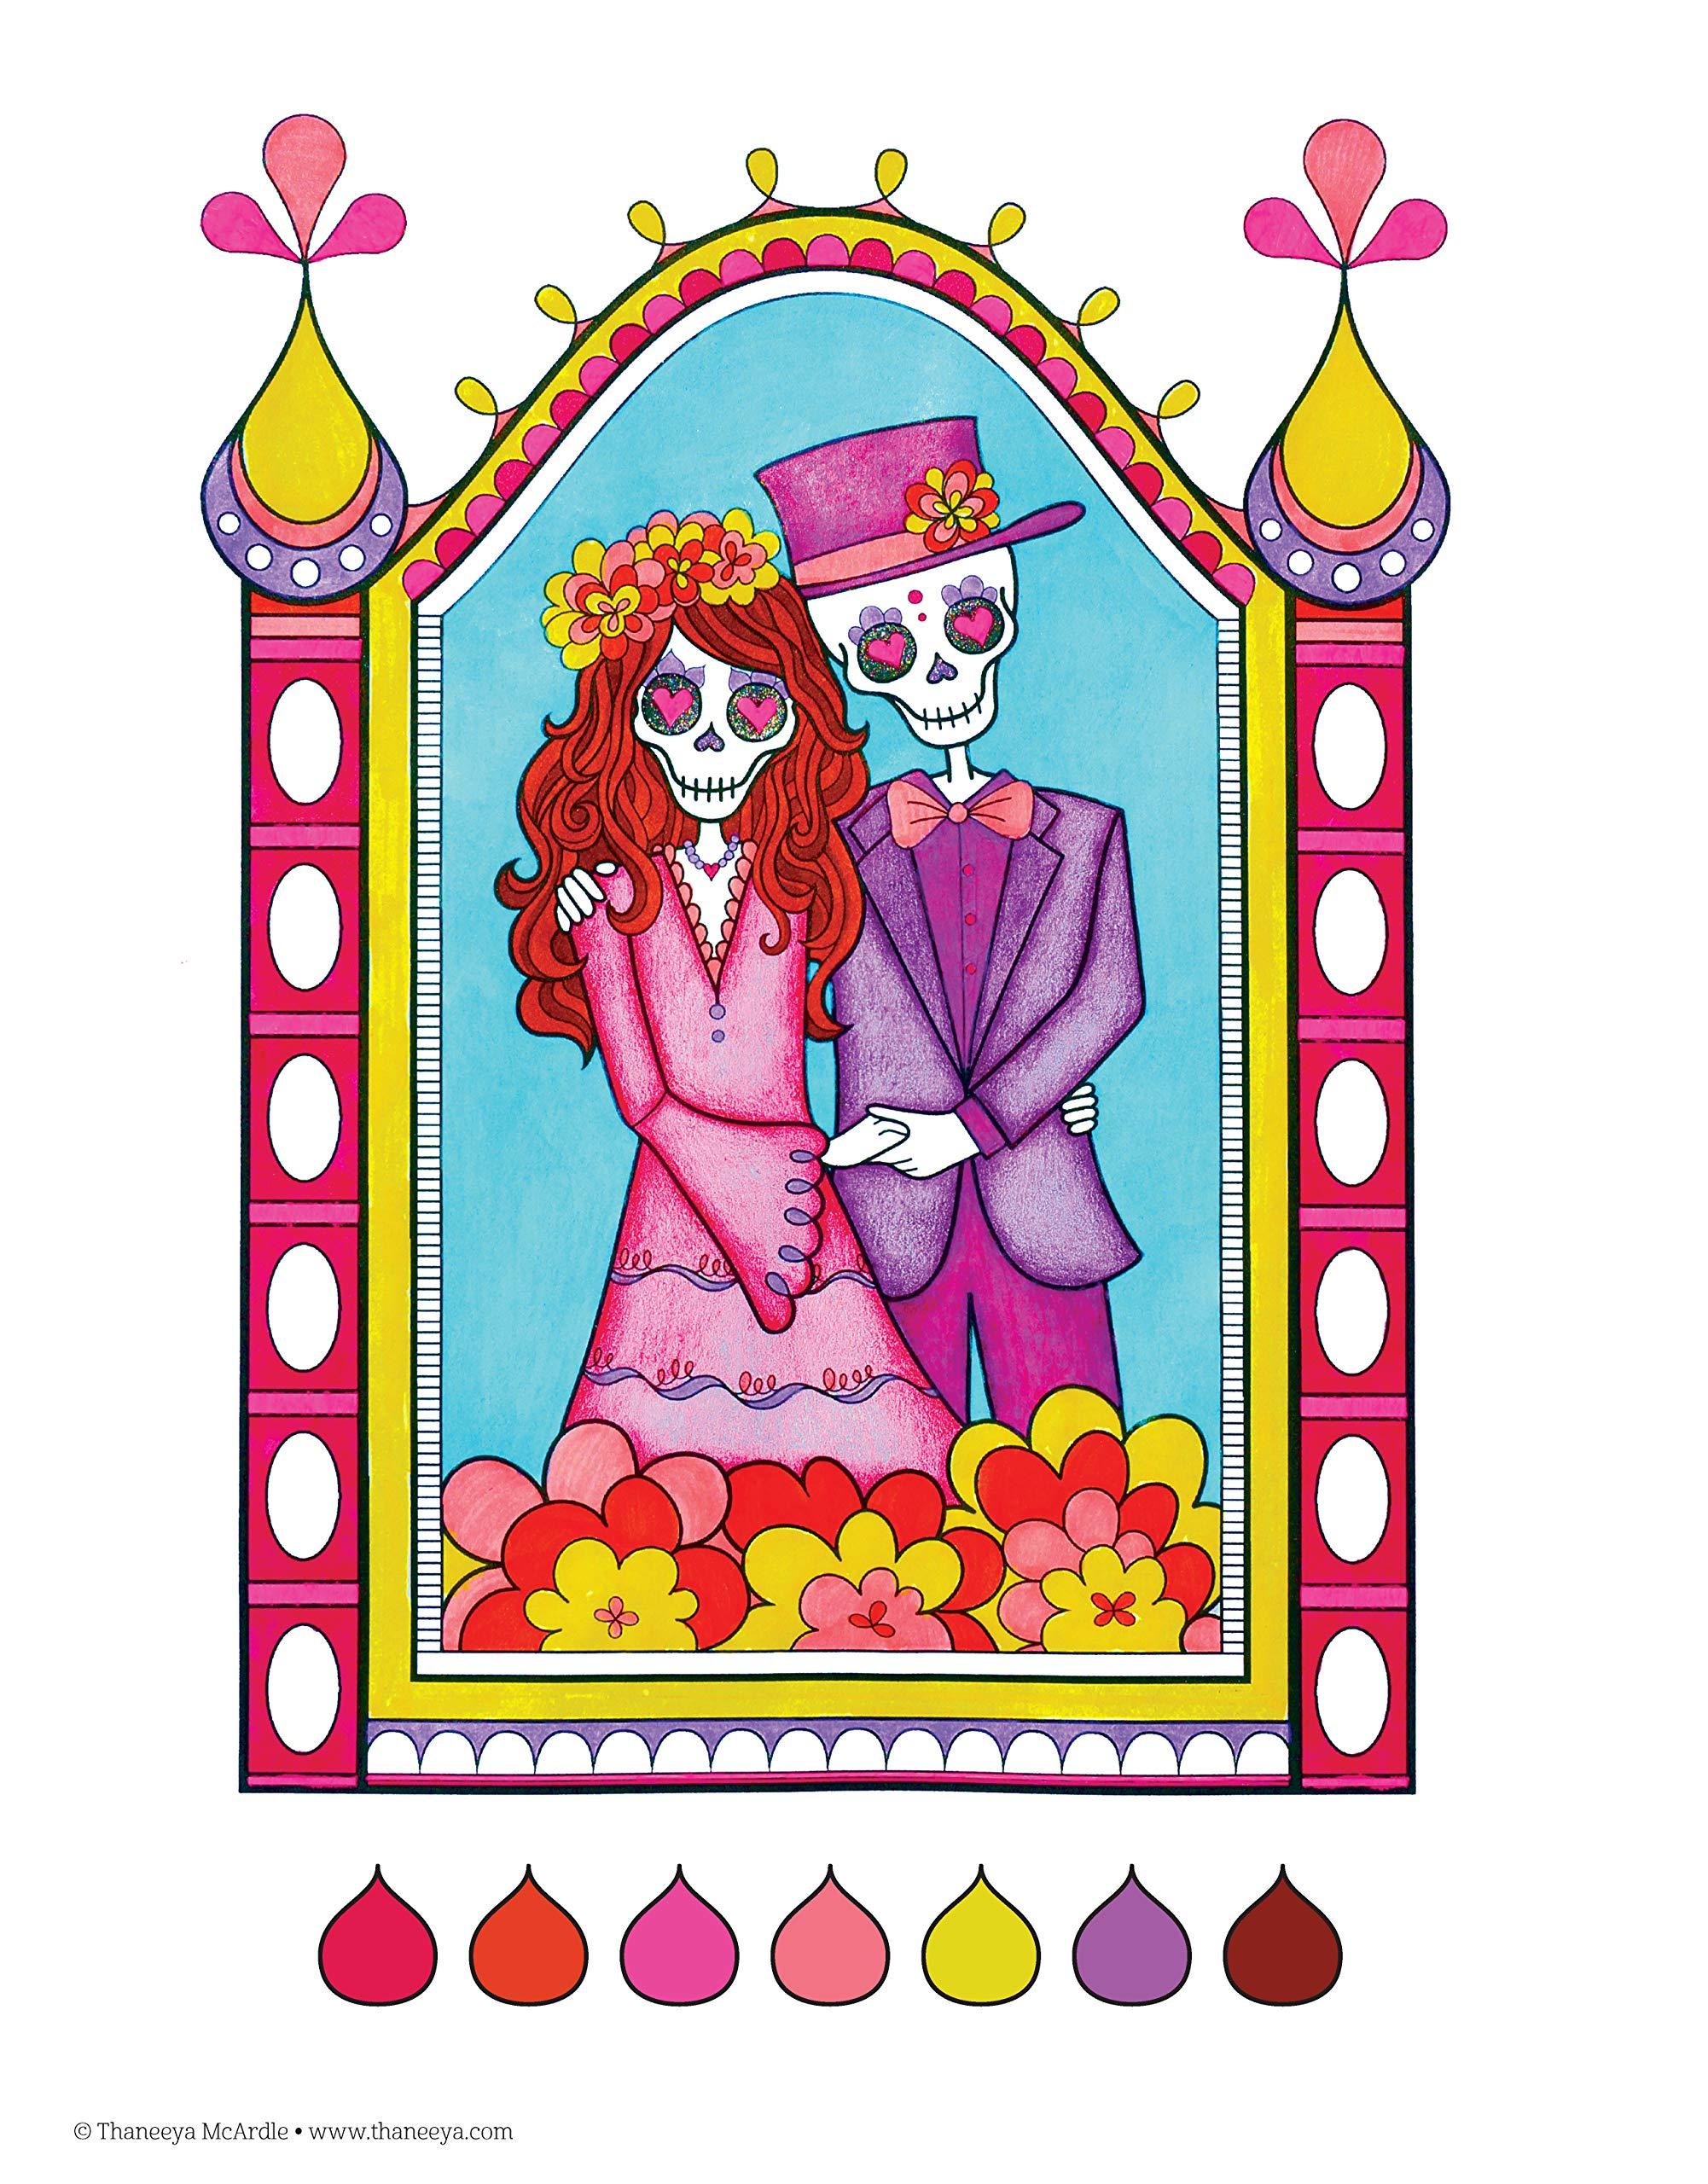 Day of the Dead Coloring Book (Coloring Is Fun): Amazon.es: Thaneeya McArdle: Libros en idiomas extranjeros